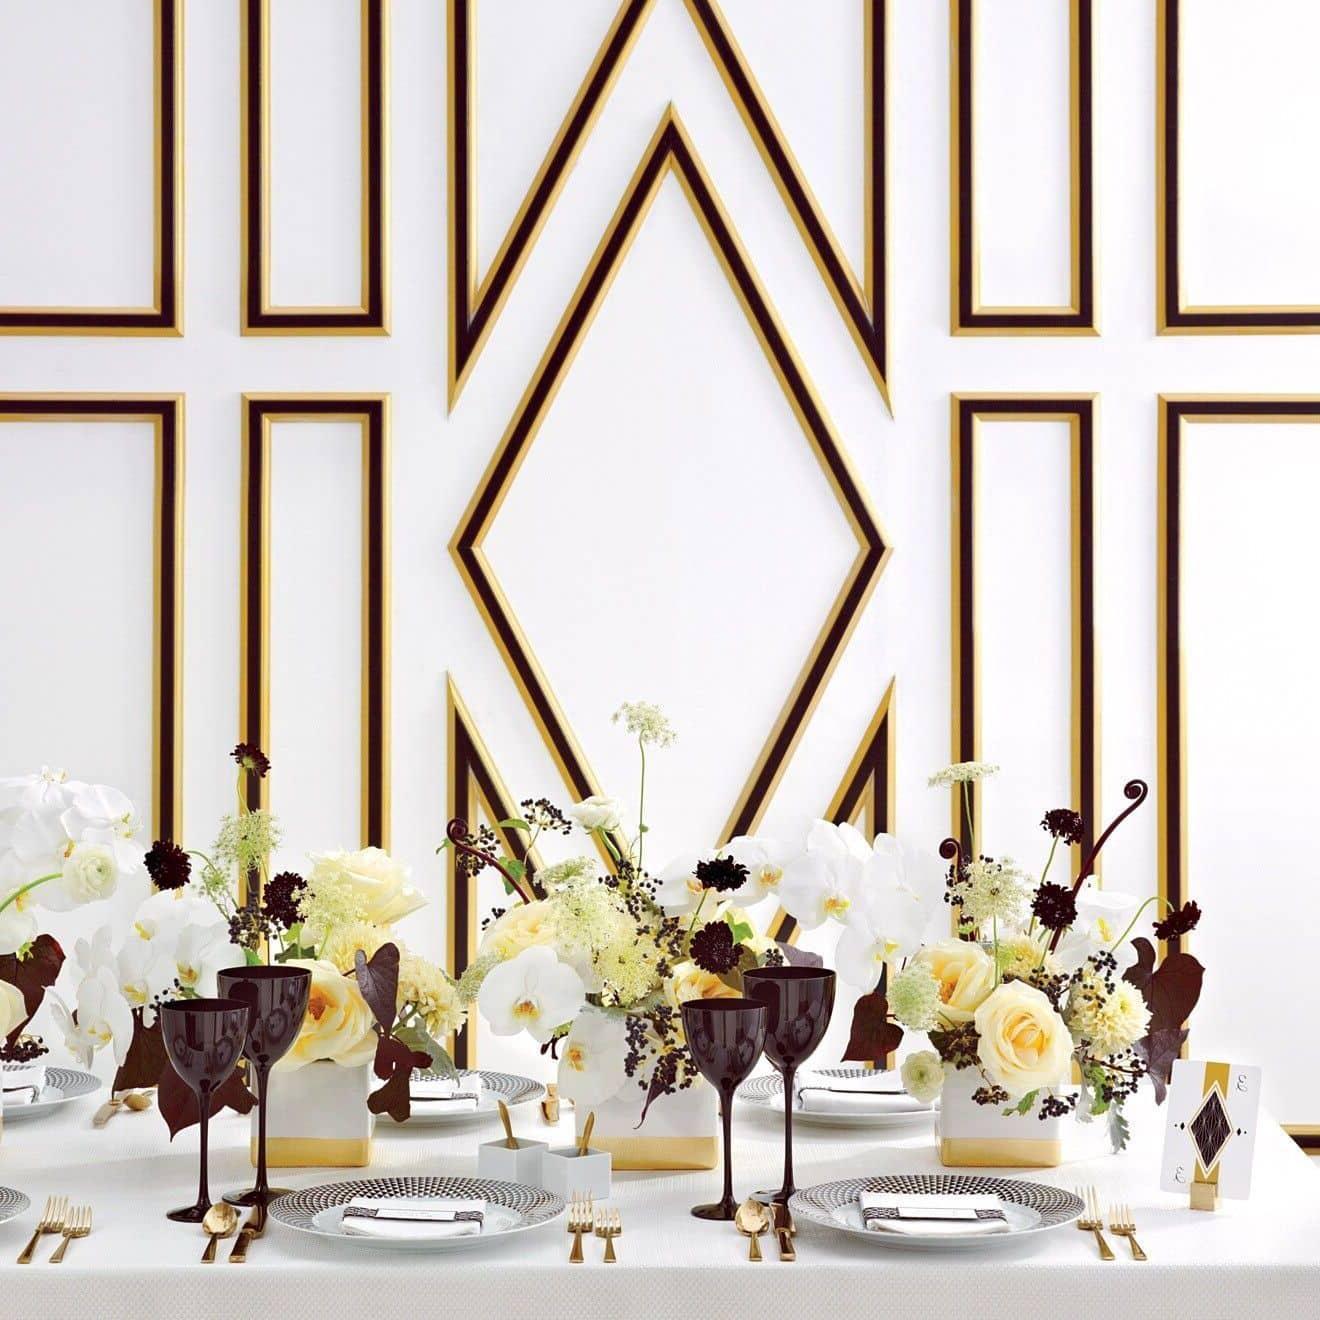 Симпатичные фужеры в темно-коричневом цвете – эффектное дополнение праздничного стола